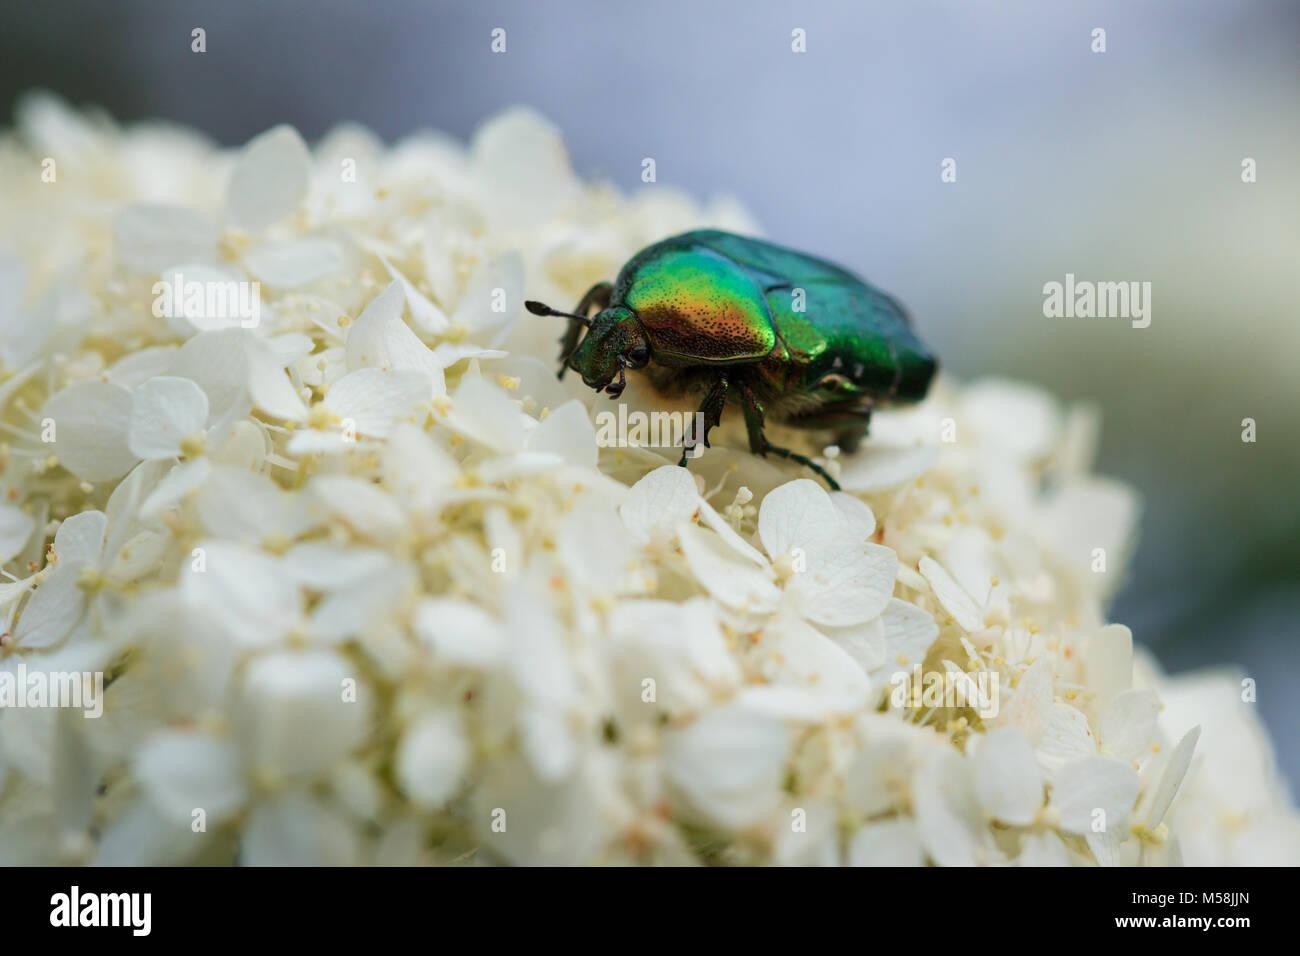 protaetia aeruginosa beetle on a flower Stock Photo